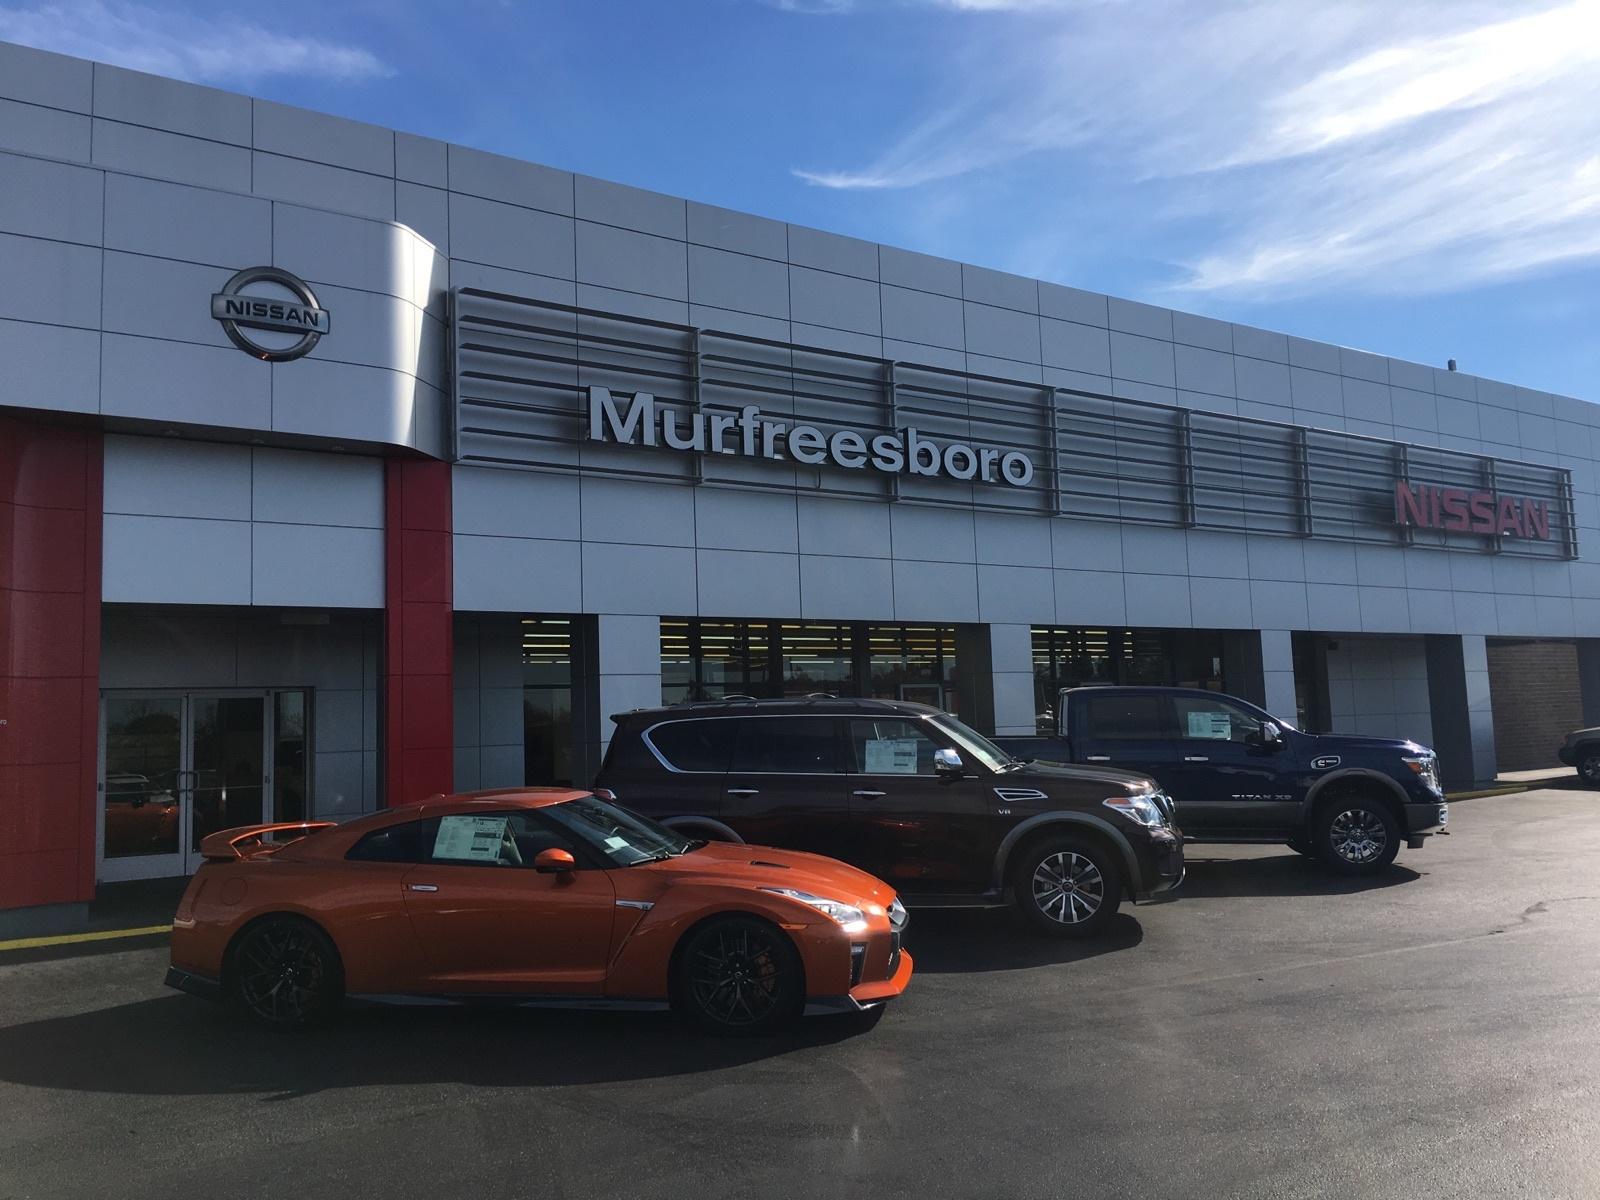 Nissan Of Murfreesboro >> Nissan Murfreesboro Murfreesboro Tn Read Consumer Reviews